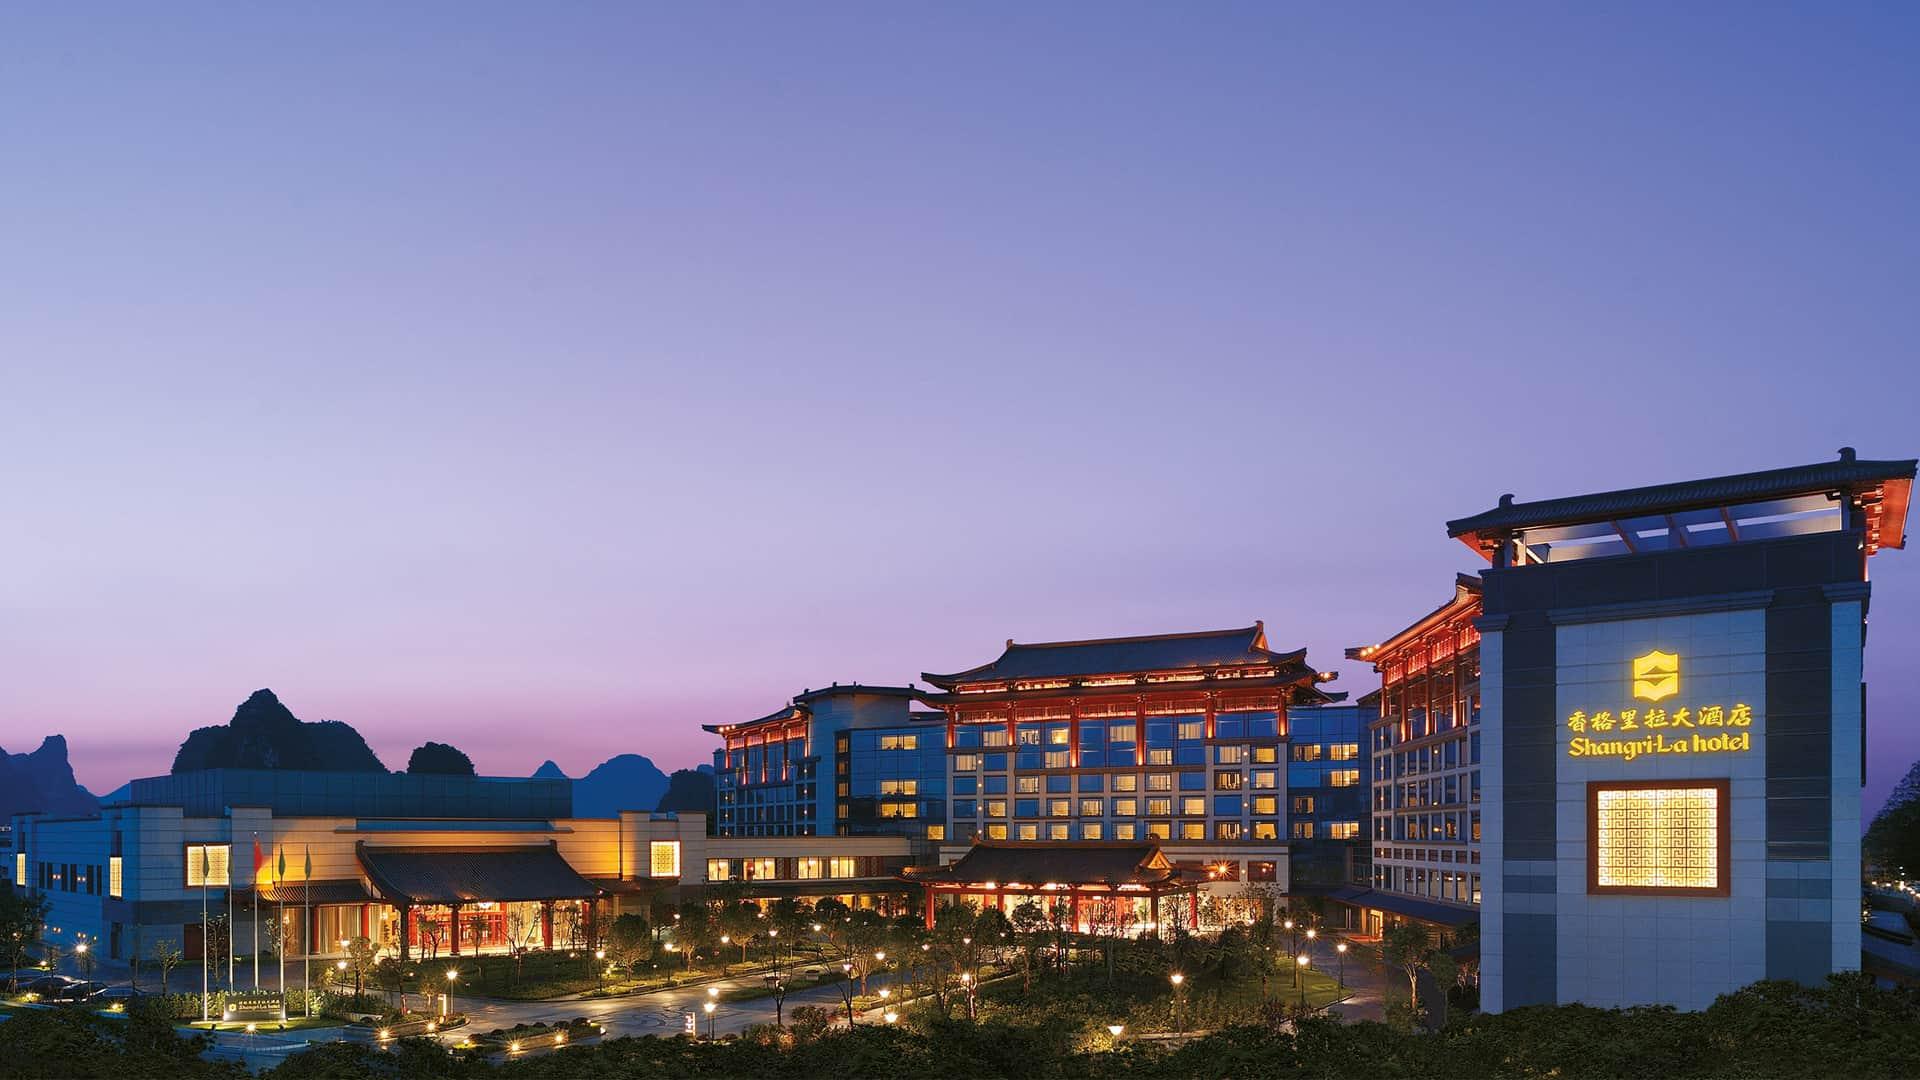 Shangri La Hotel Guilin